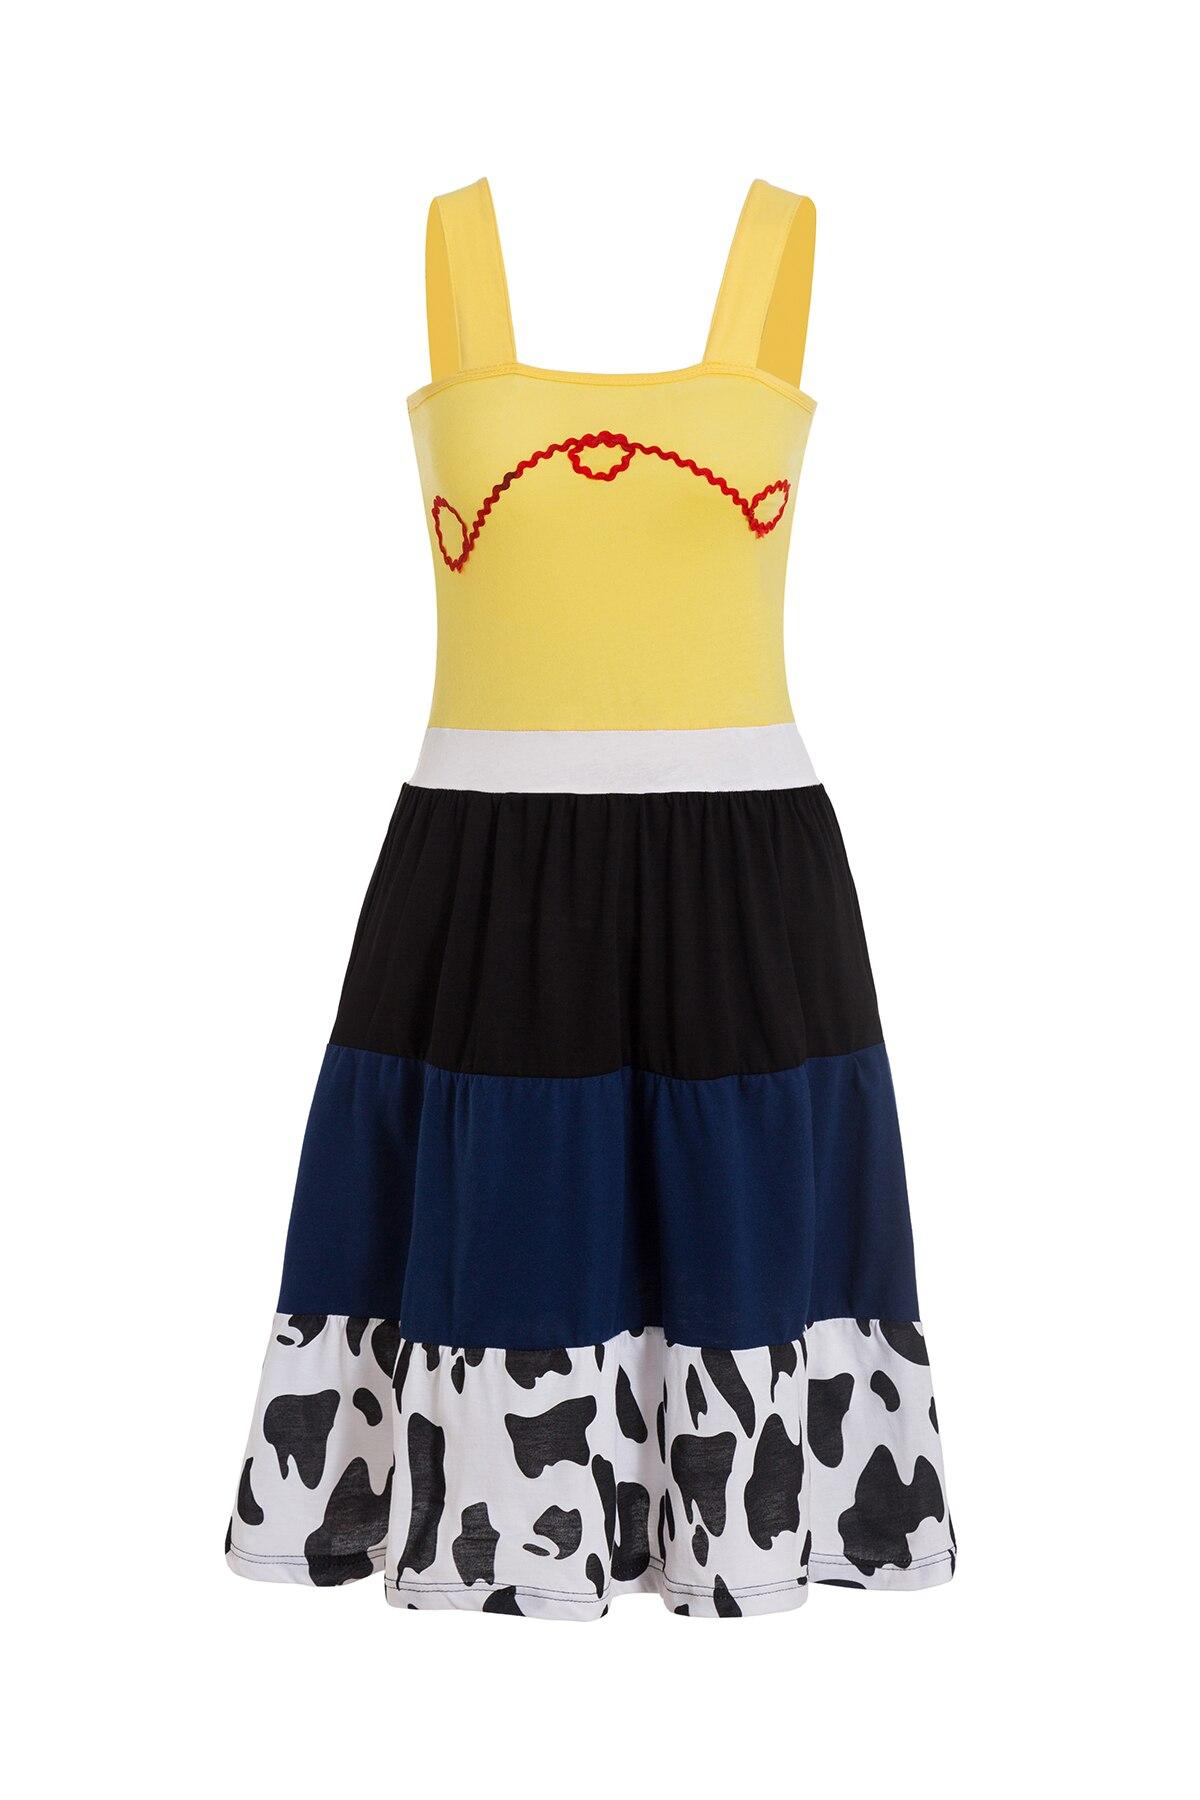 Платье принцессы для взрослых; одинаковый семейный маскарадный костюм «Минни Маус и я»; женское платье принцессы в горошек; большие размеры - Цвет: Jessie